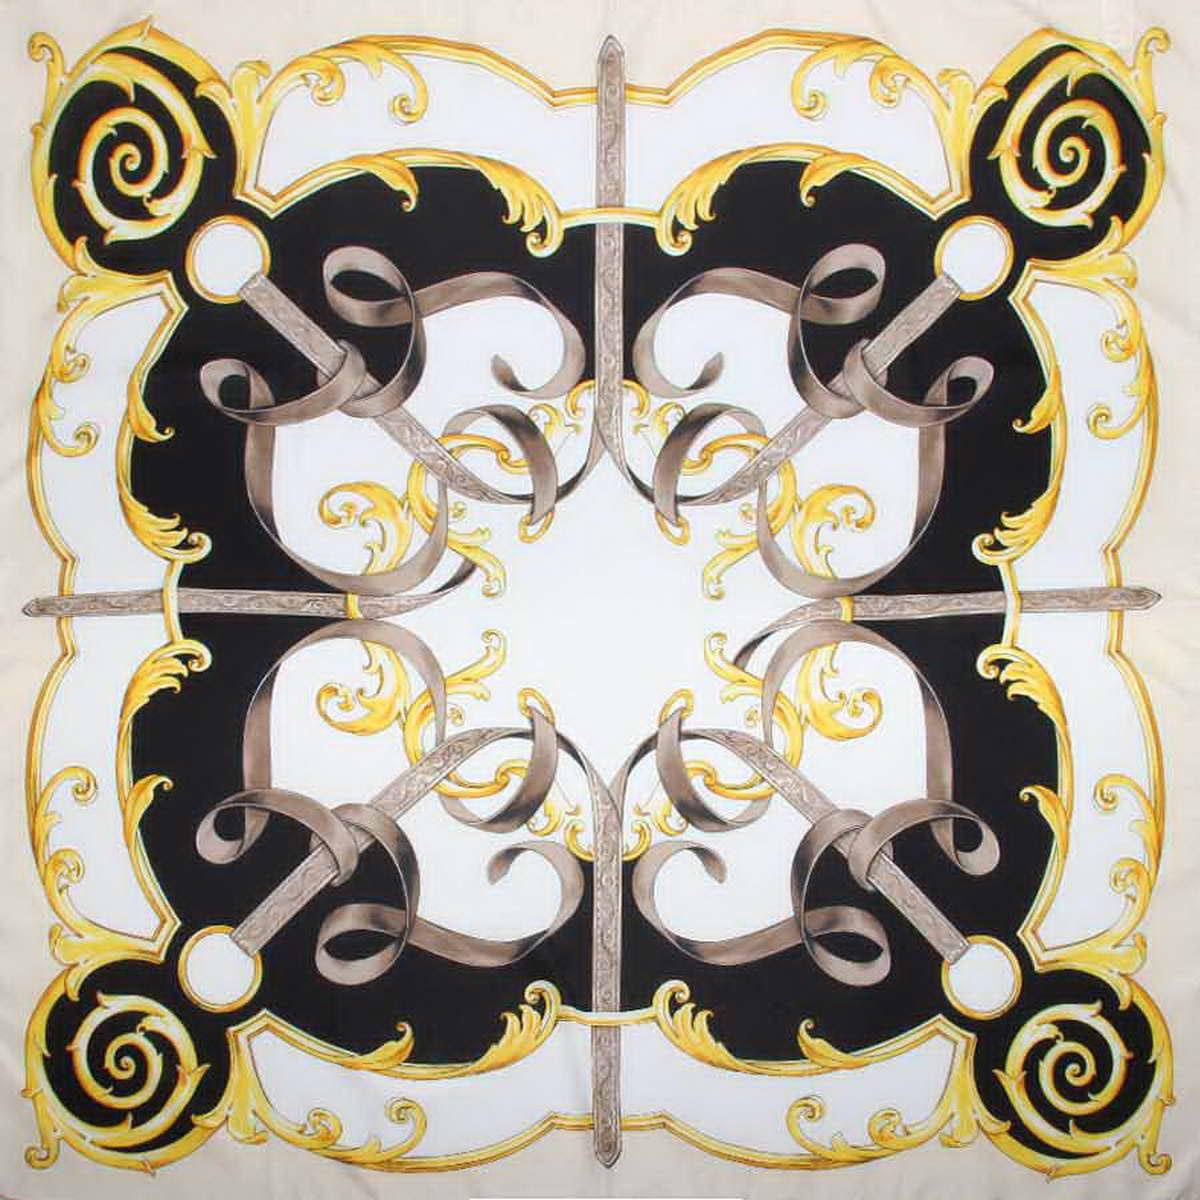 Платок женский Venera, цвет: черный, серый, желтый. 3904972-8. Размер 90 см х 90 см3904972-8Женственный аксессуар, платок из полиэстера, нежный и легкий, приятный к коже и отлично драпируется, яркие оттенки очаровательных цветков внесут в Ваш образ очарование и шарм.